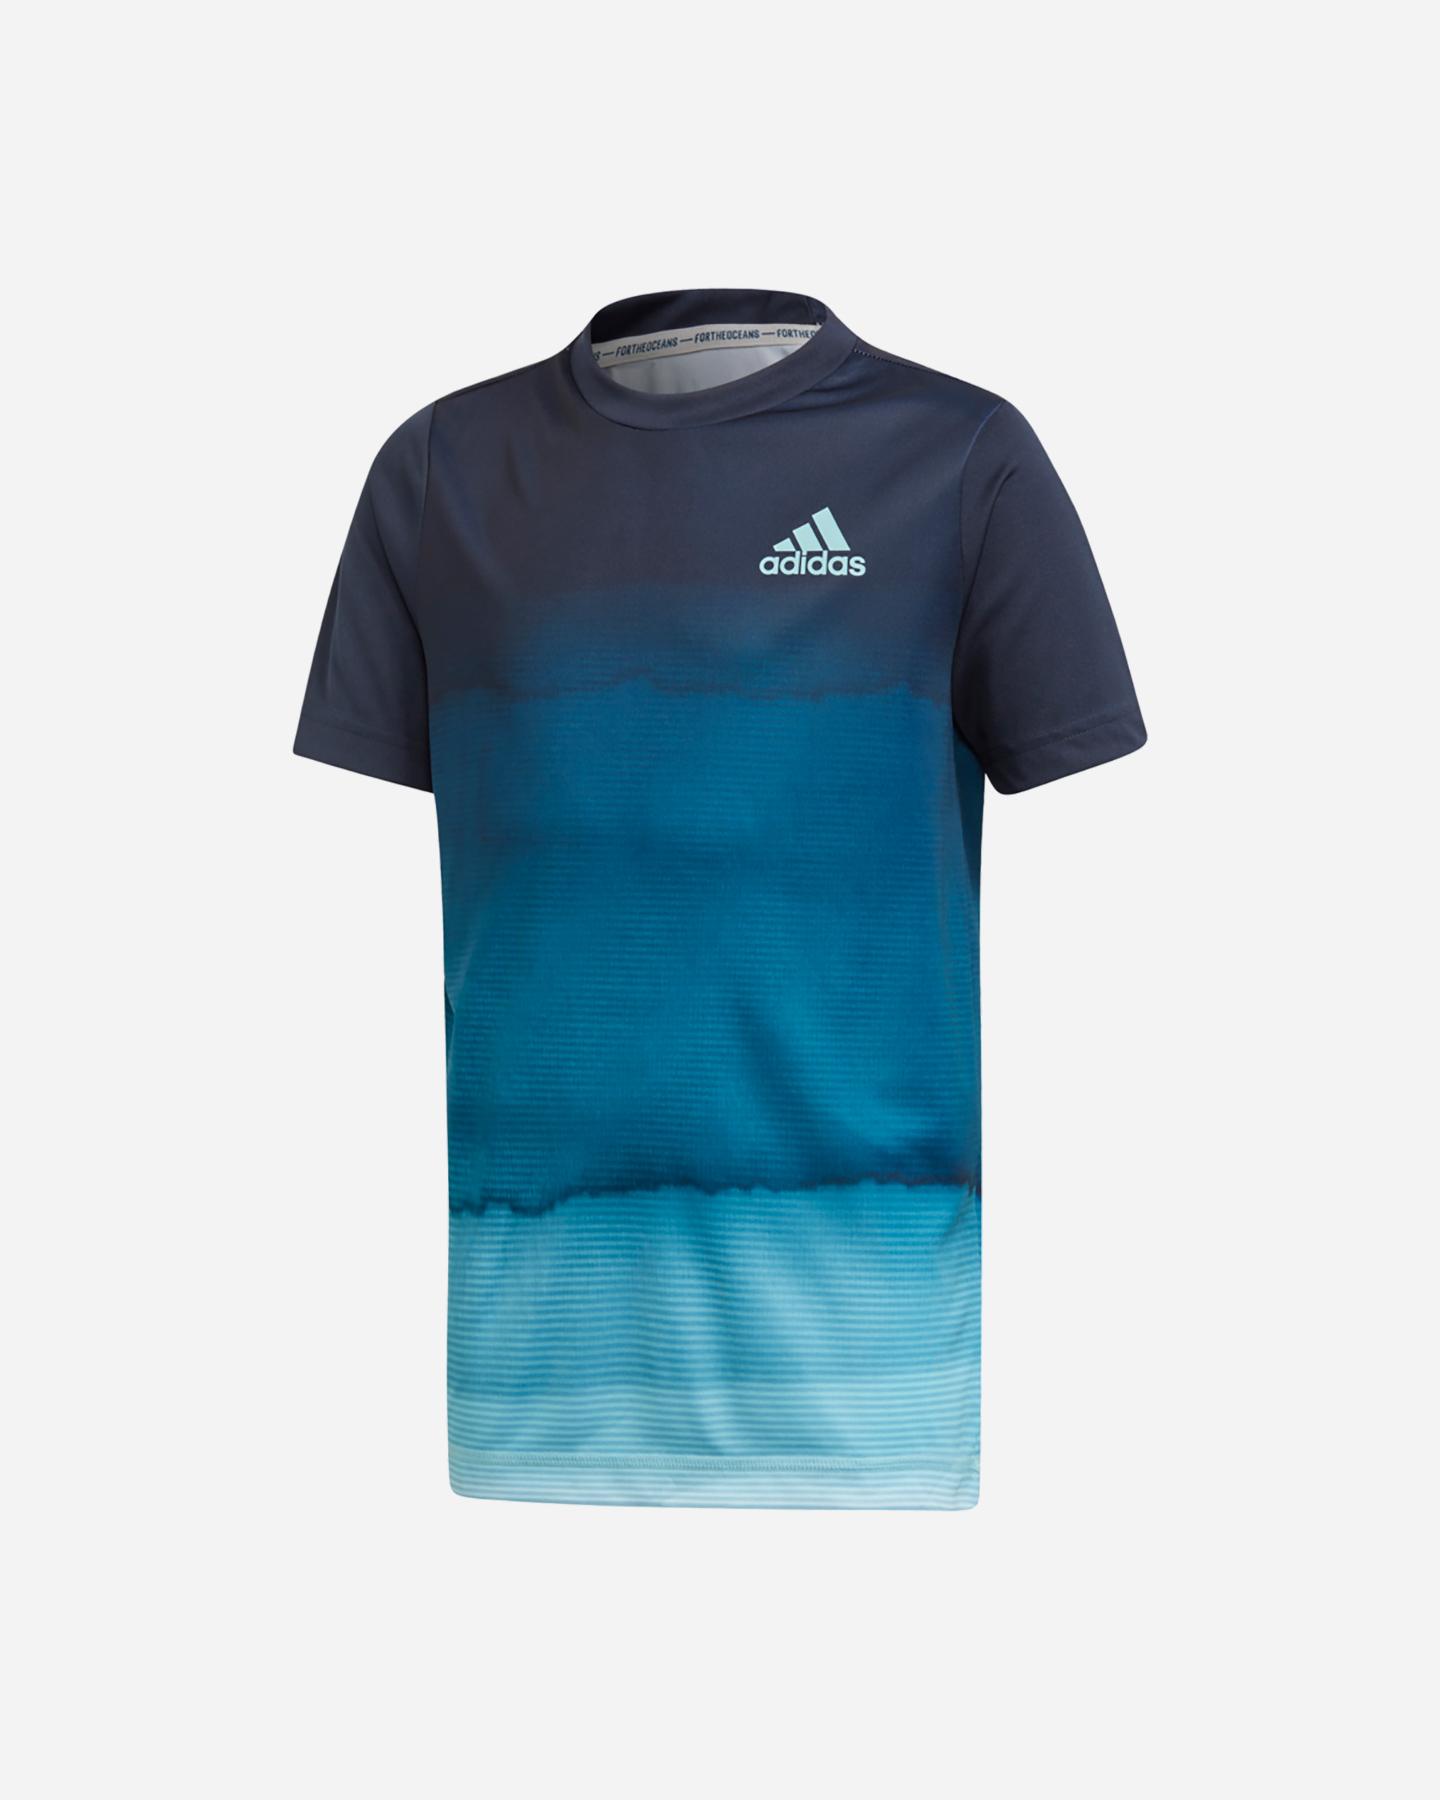 Adidas e Parley for the Oceans: scarpe e maglie